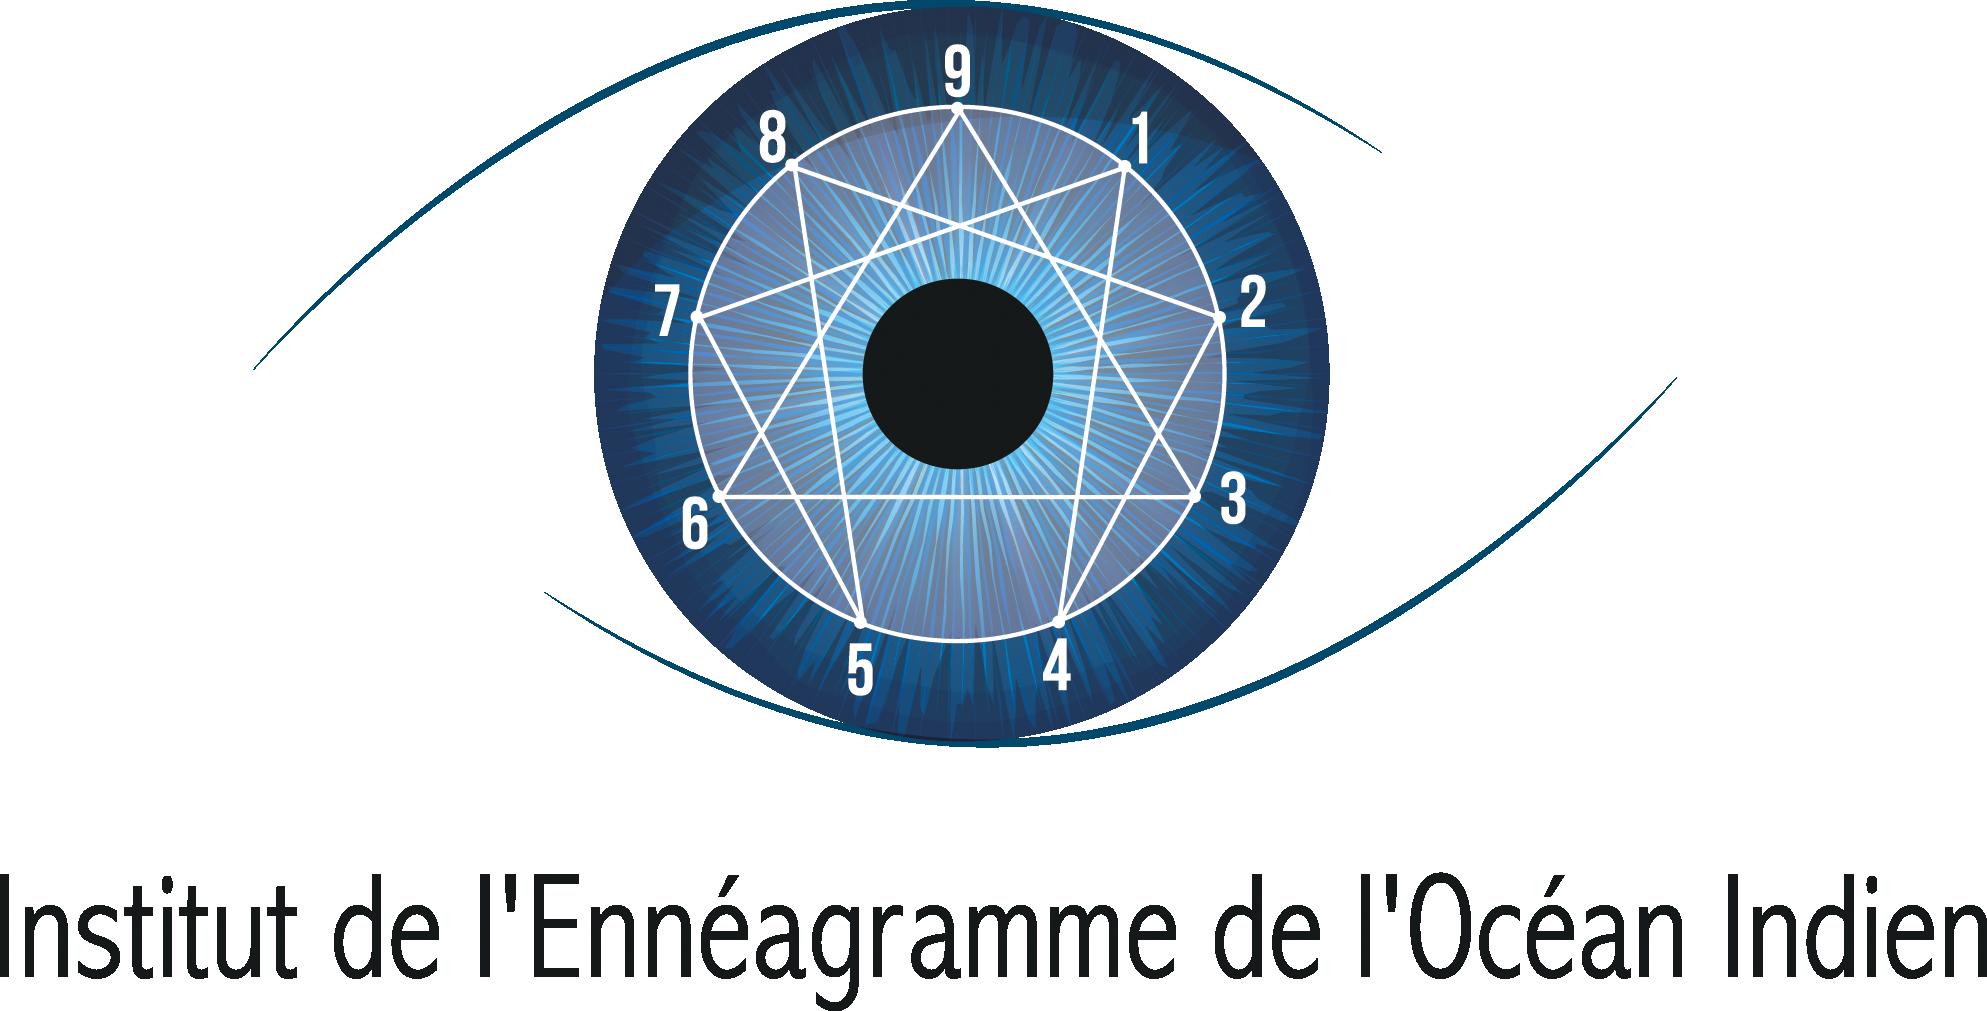 Institut de l'Enneagramme-oi.com